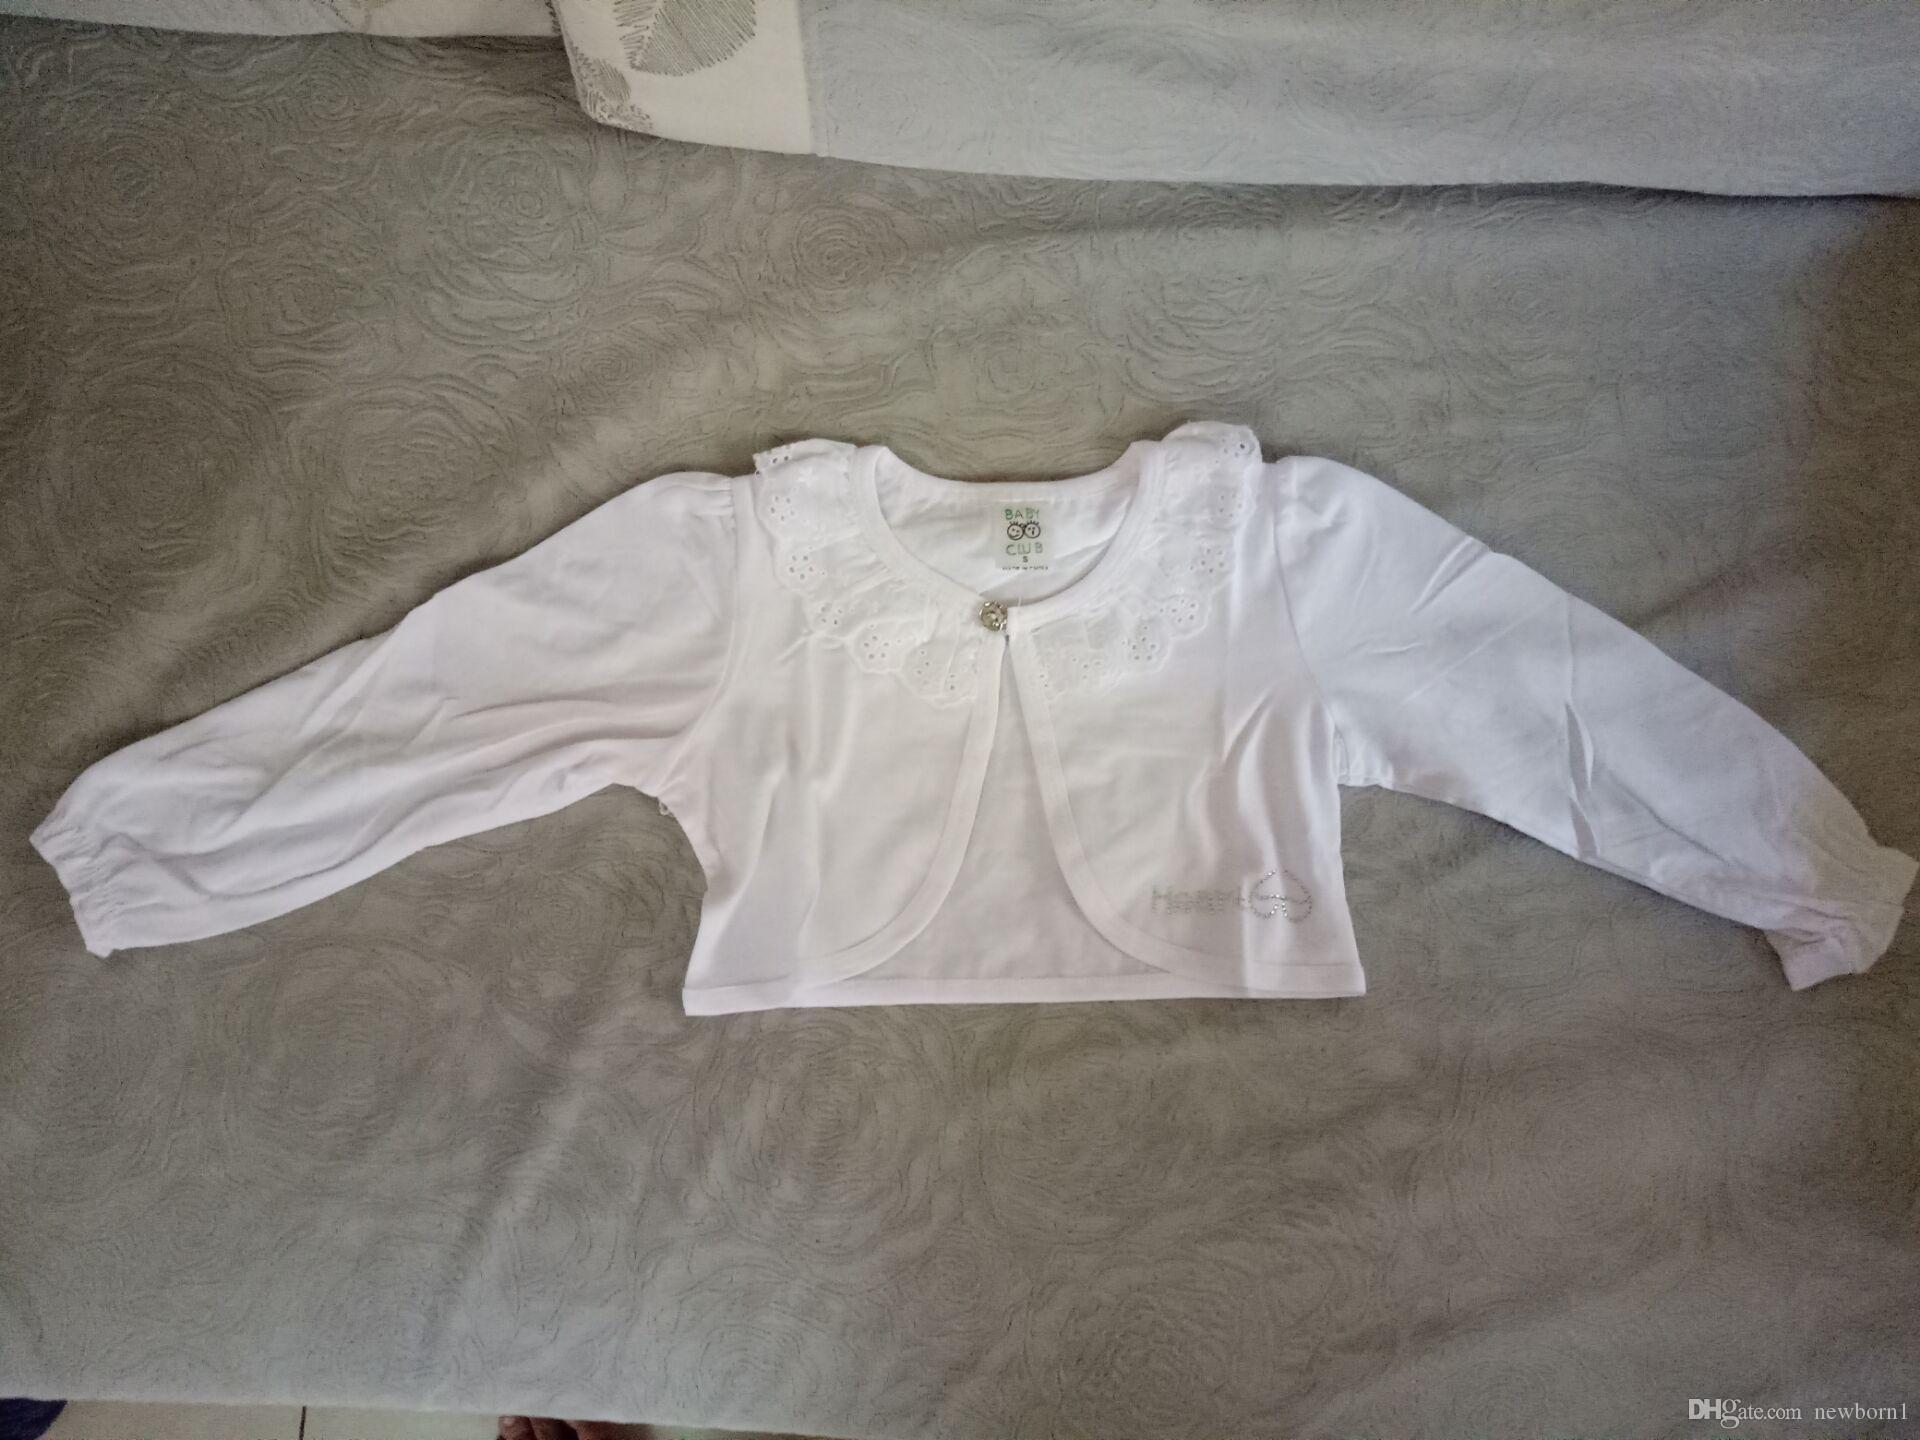 Bebek Kız Ince Ceket Çocuk Uzun Kollu Hırka Pamuk Çocuklar Parti Pelerin Dantel Çiçek Kız Kısa Ceket